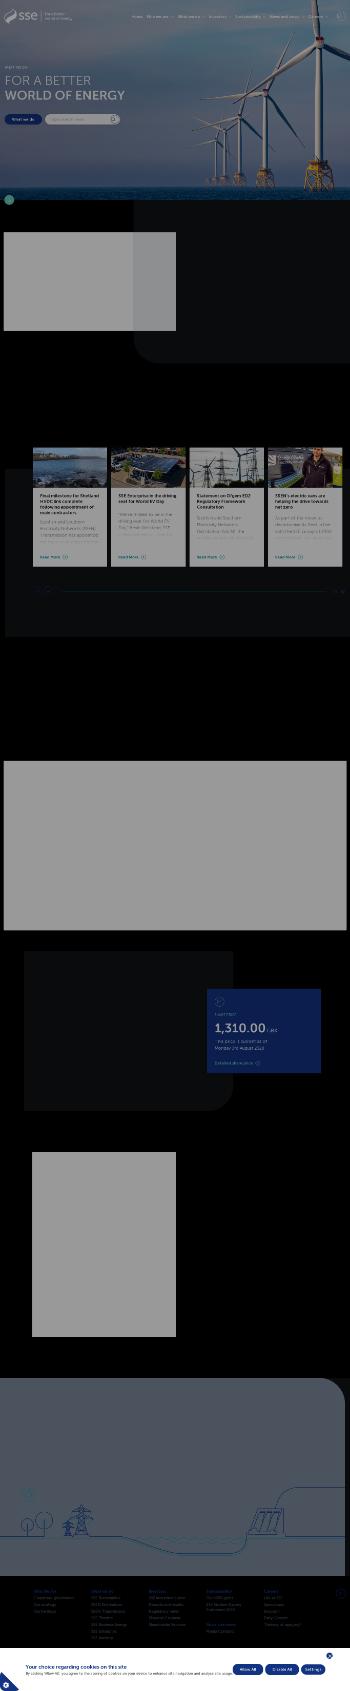 SSE plc Website Screenshot